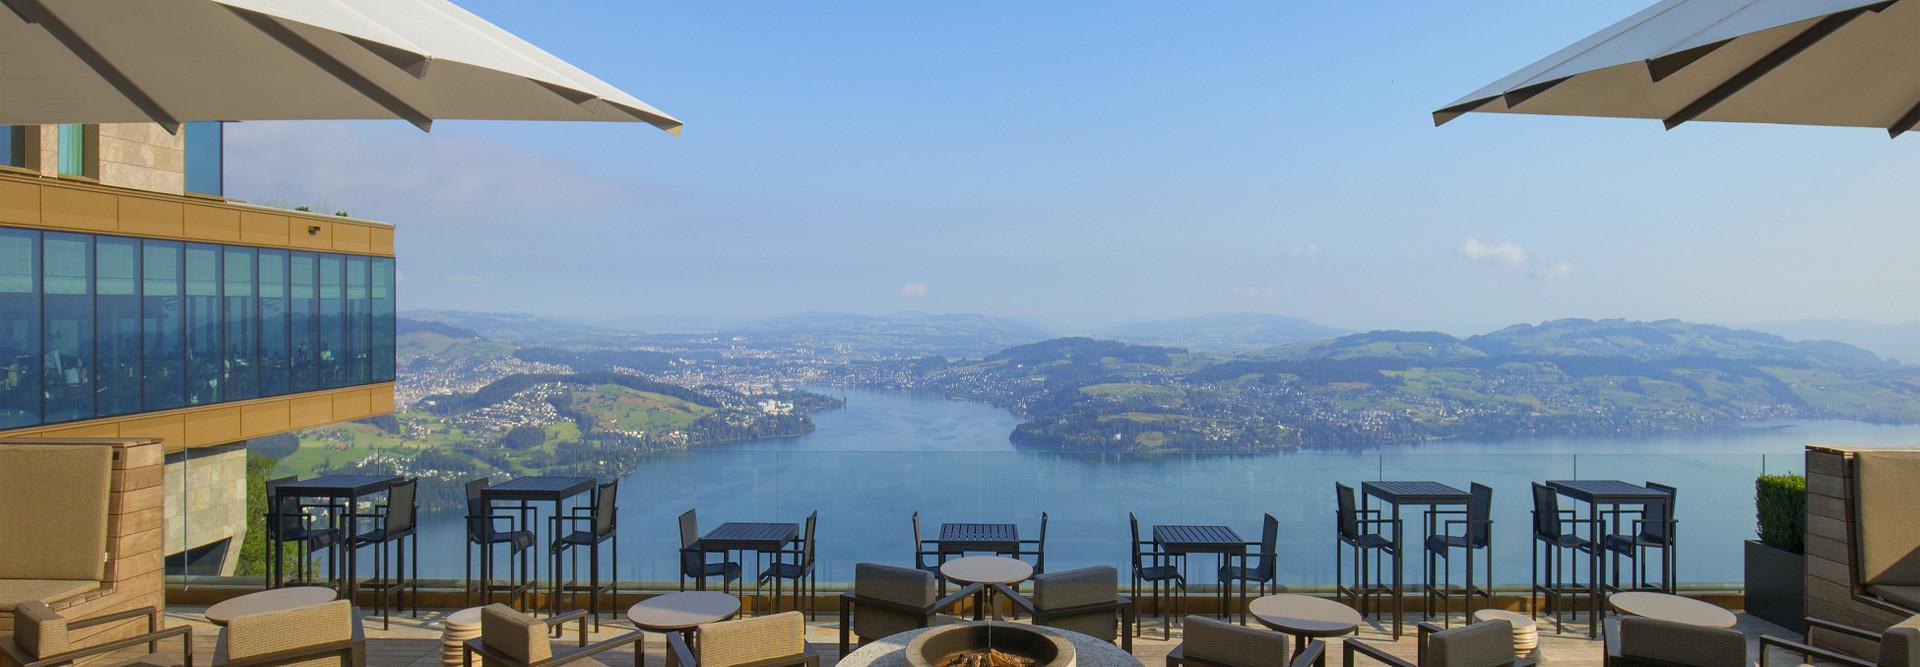 Die Tische und Stühle vom Restaurant Spices Terrace im Vordergrund und am Horizont der Vierwaldstättersee